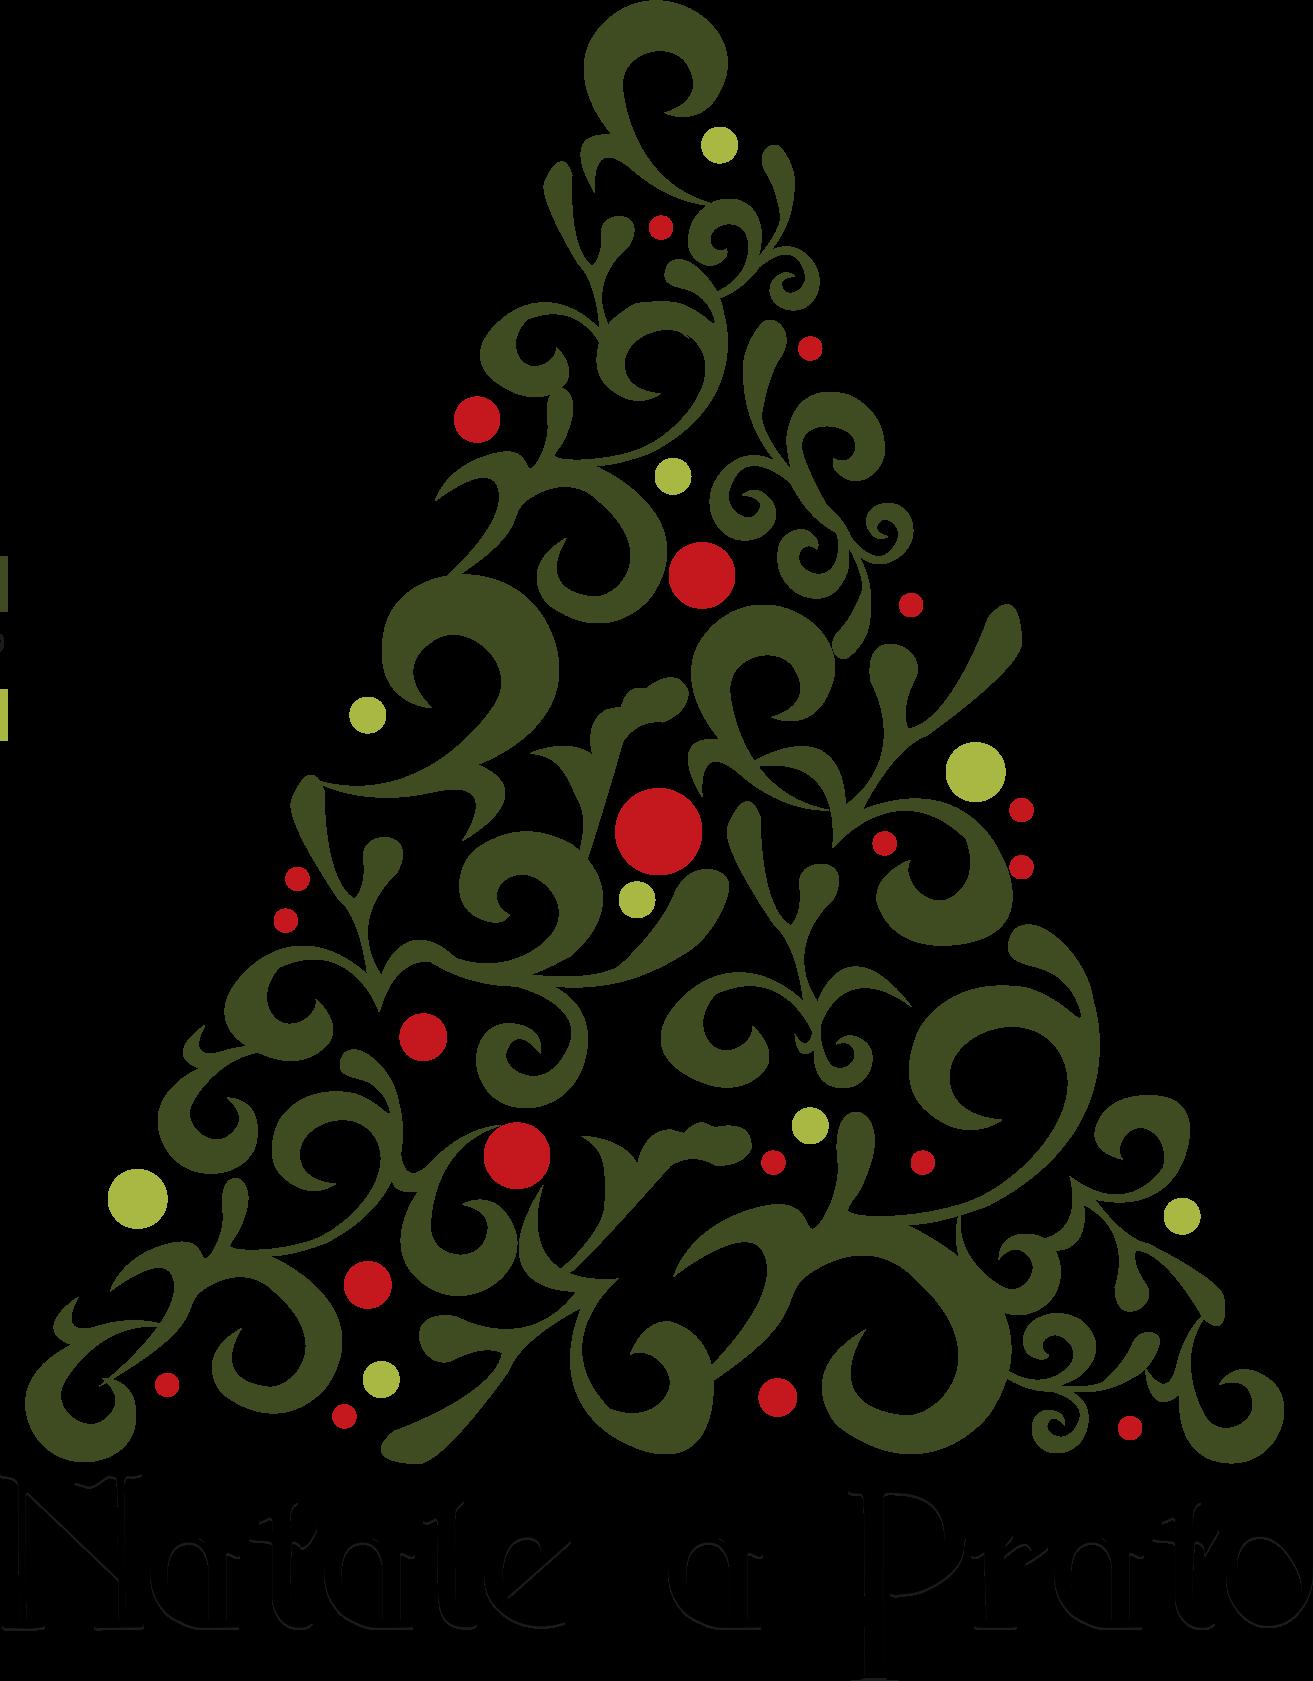 Natale a Prato 2016